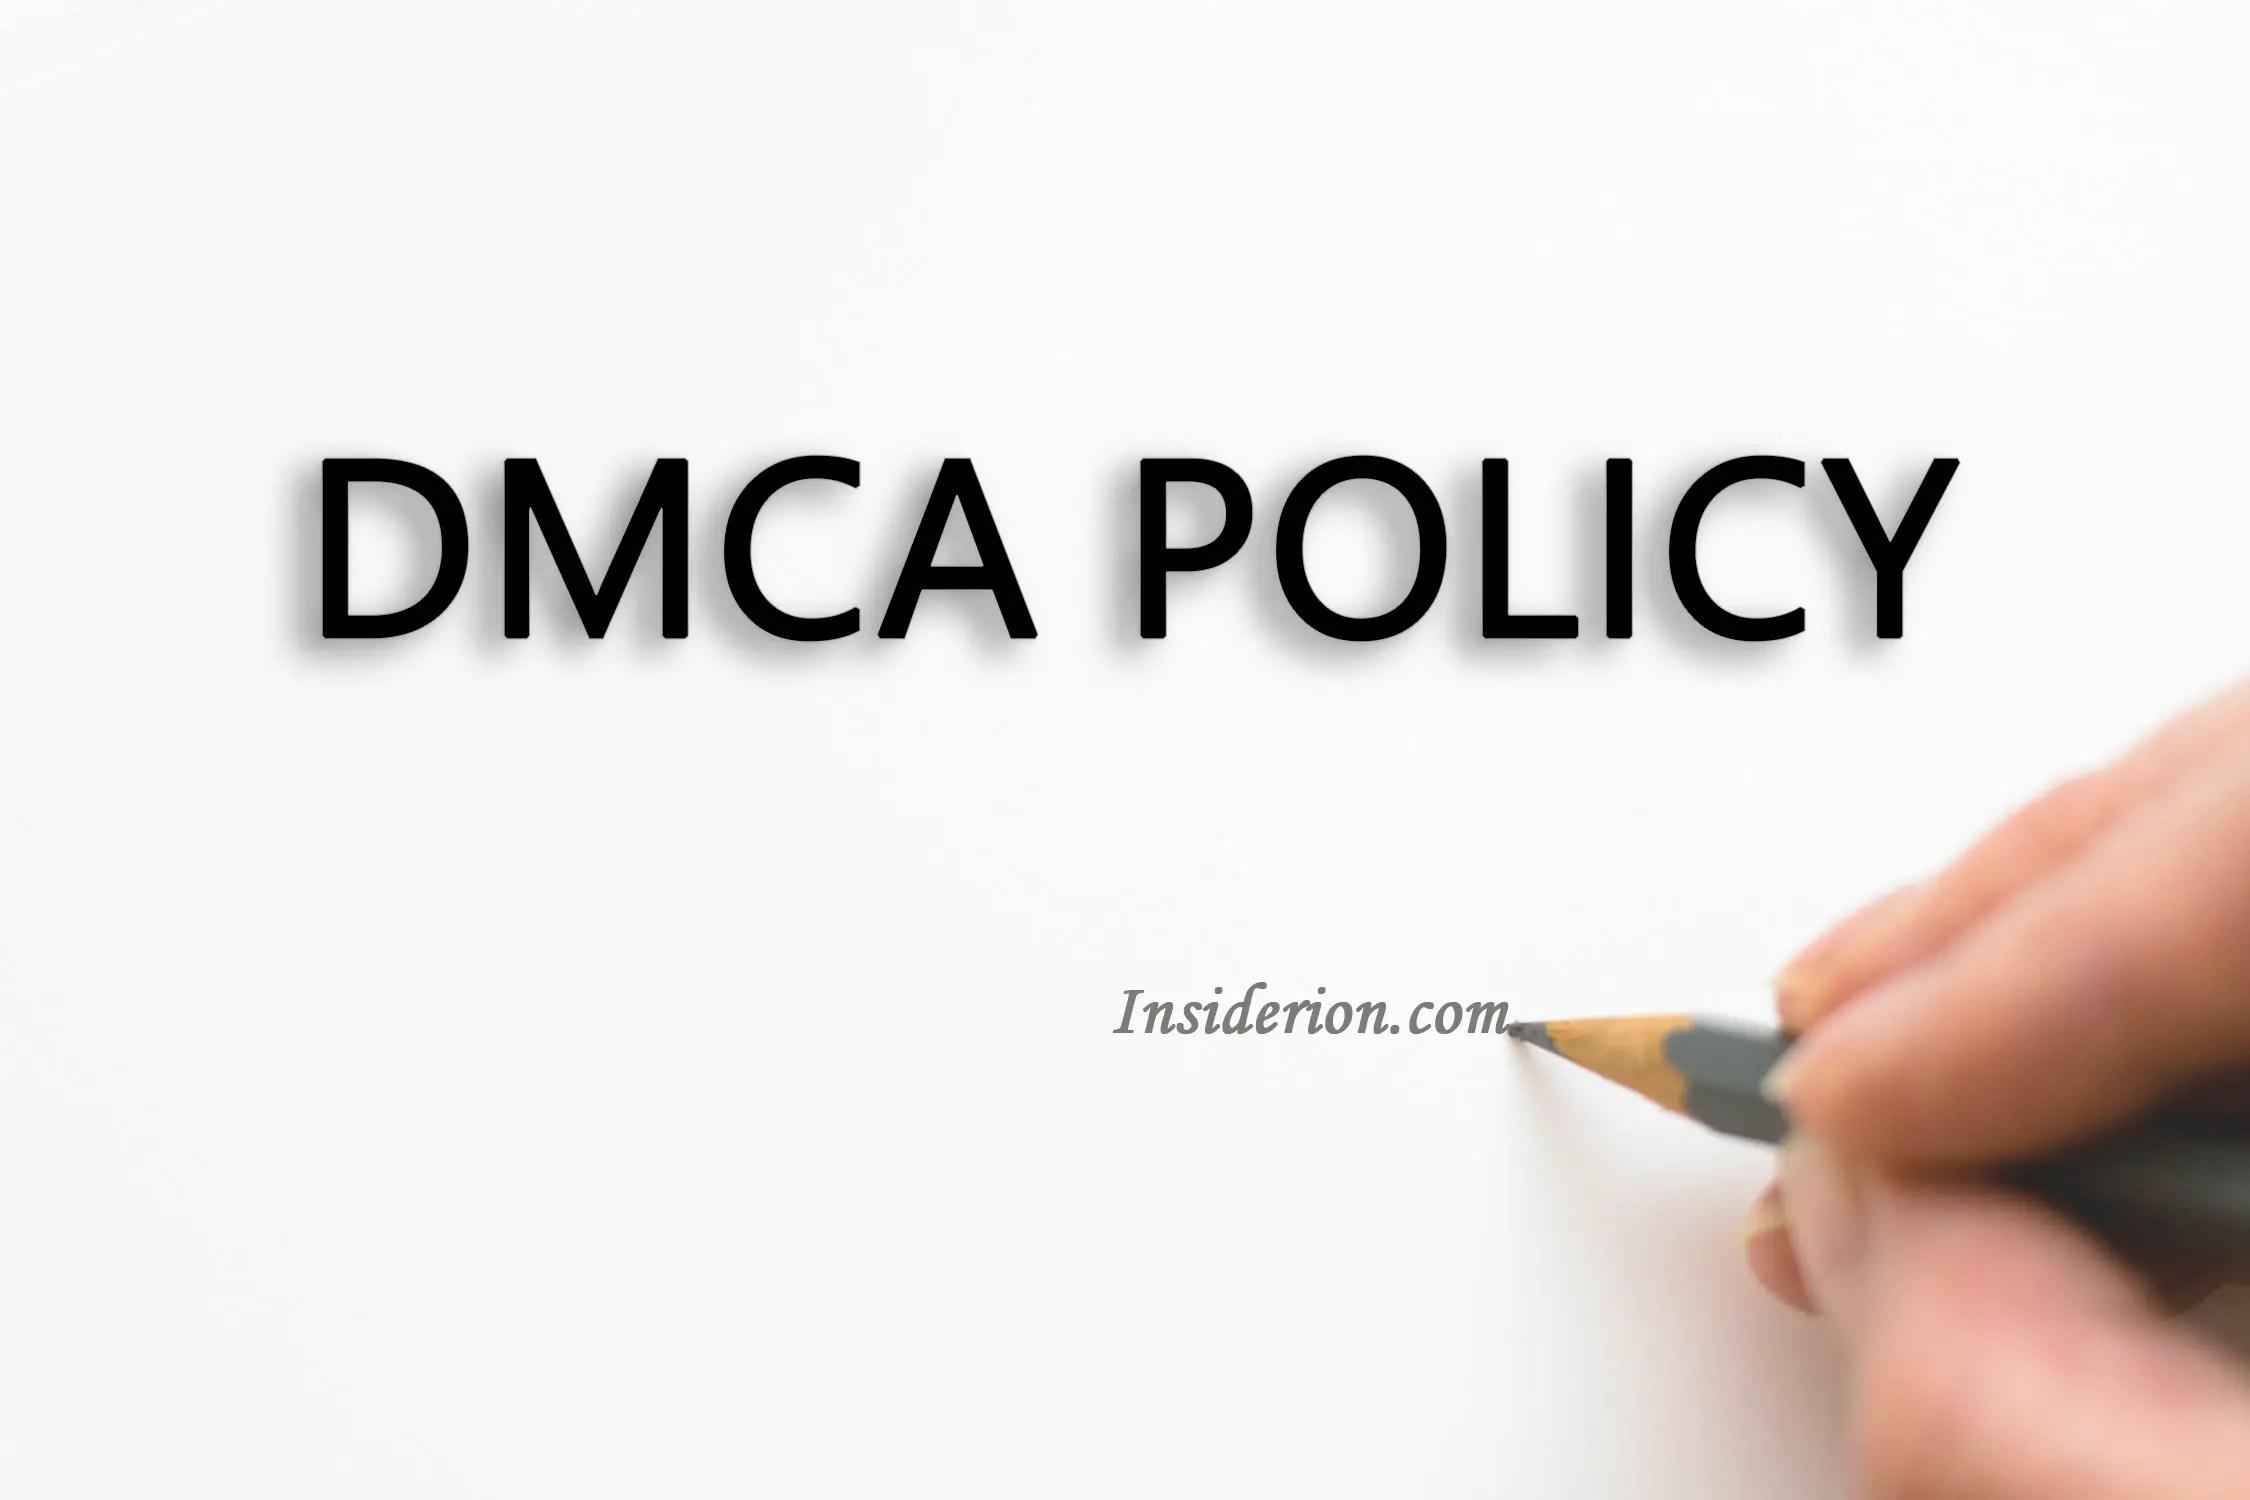 Dmca Policy Insiderion Com